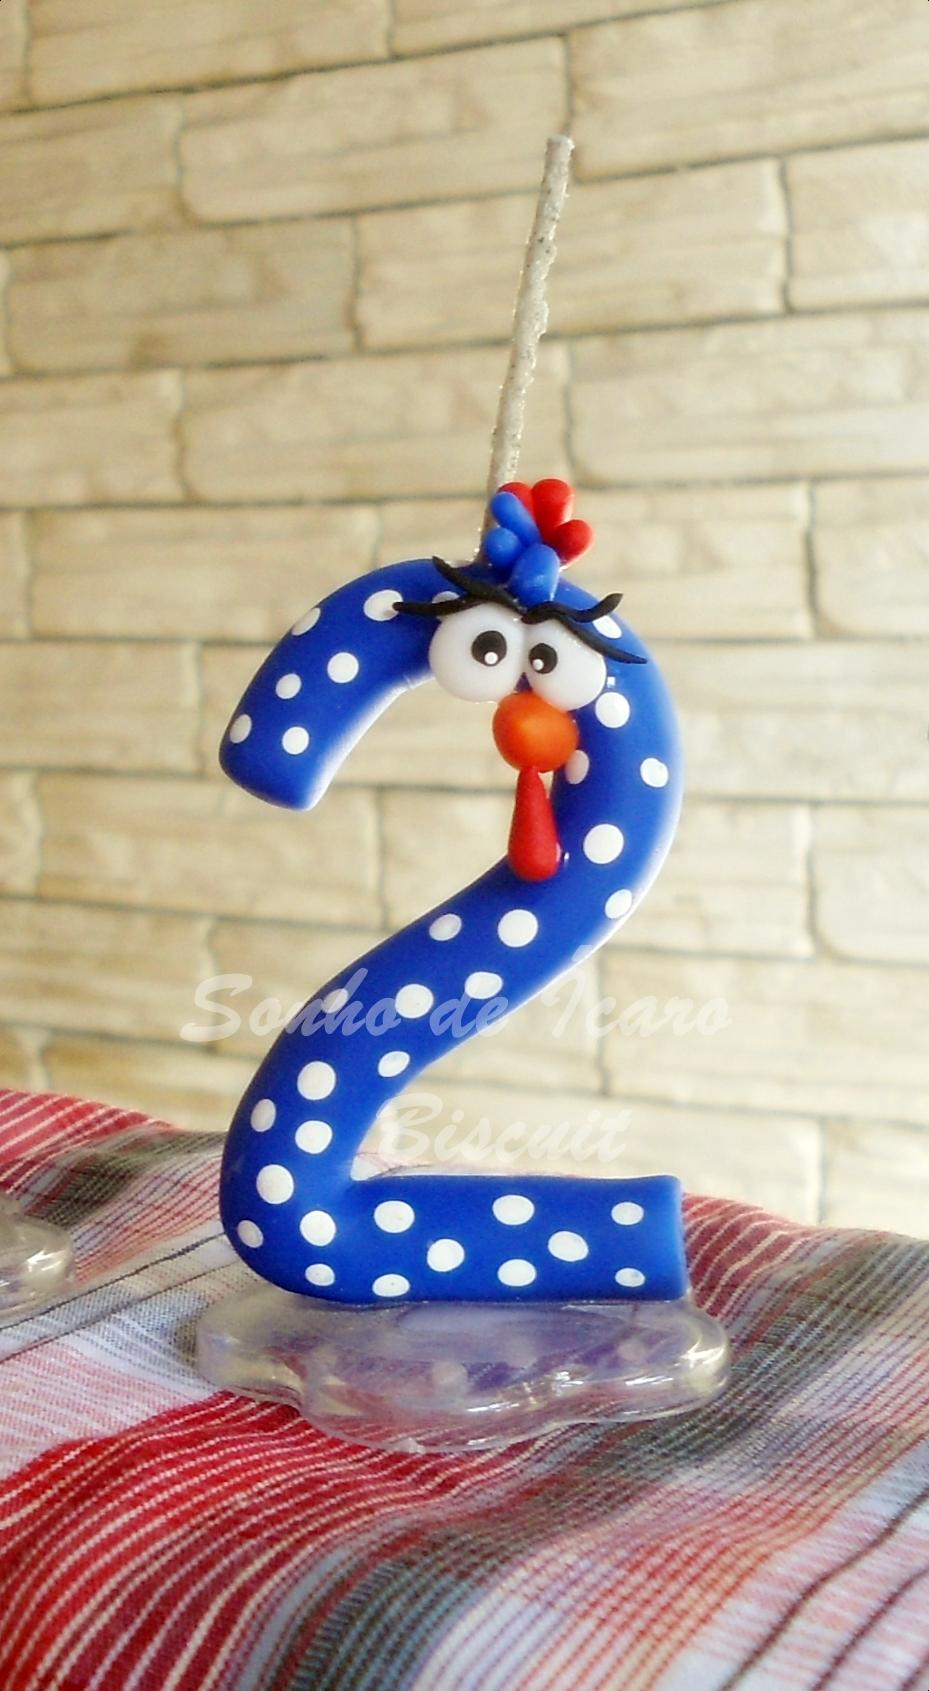 decoracao galinha pintadinha azul e amarelo:vela-magica-galinha-pintadinha-festa-galinha-pintadinha.jpg